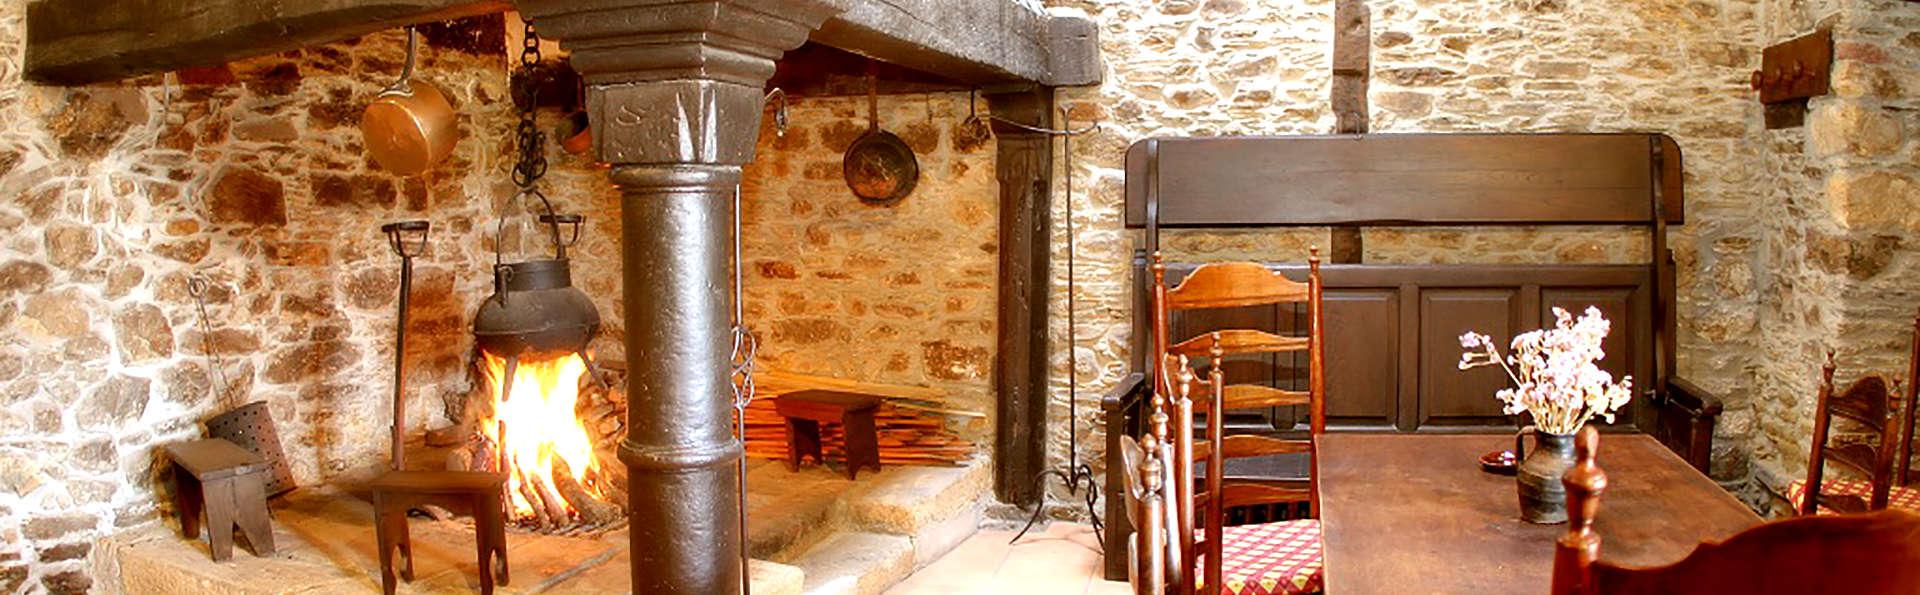 ¡Especial Otoño! habitación superior,desayuno, cena y visita bodega en pazo gallego